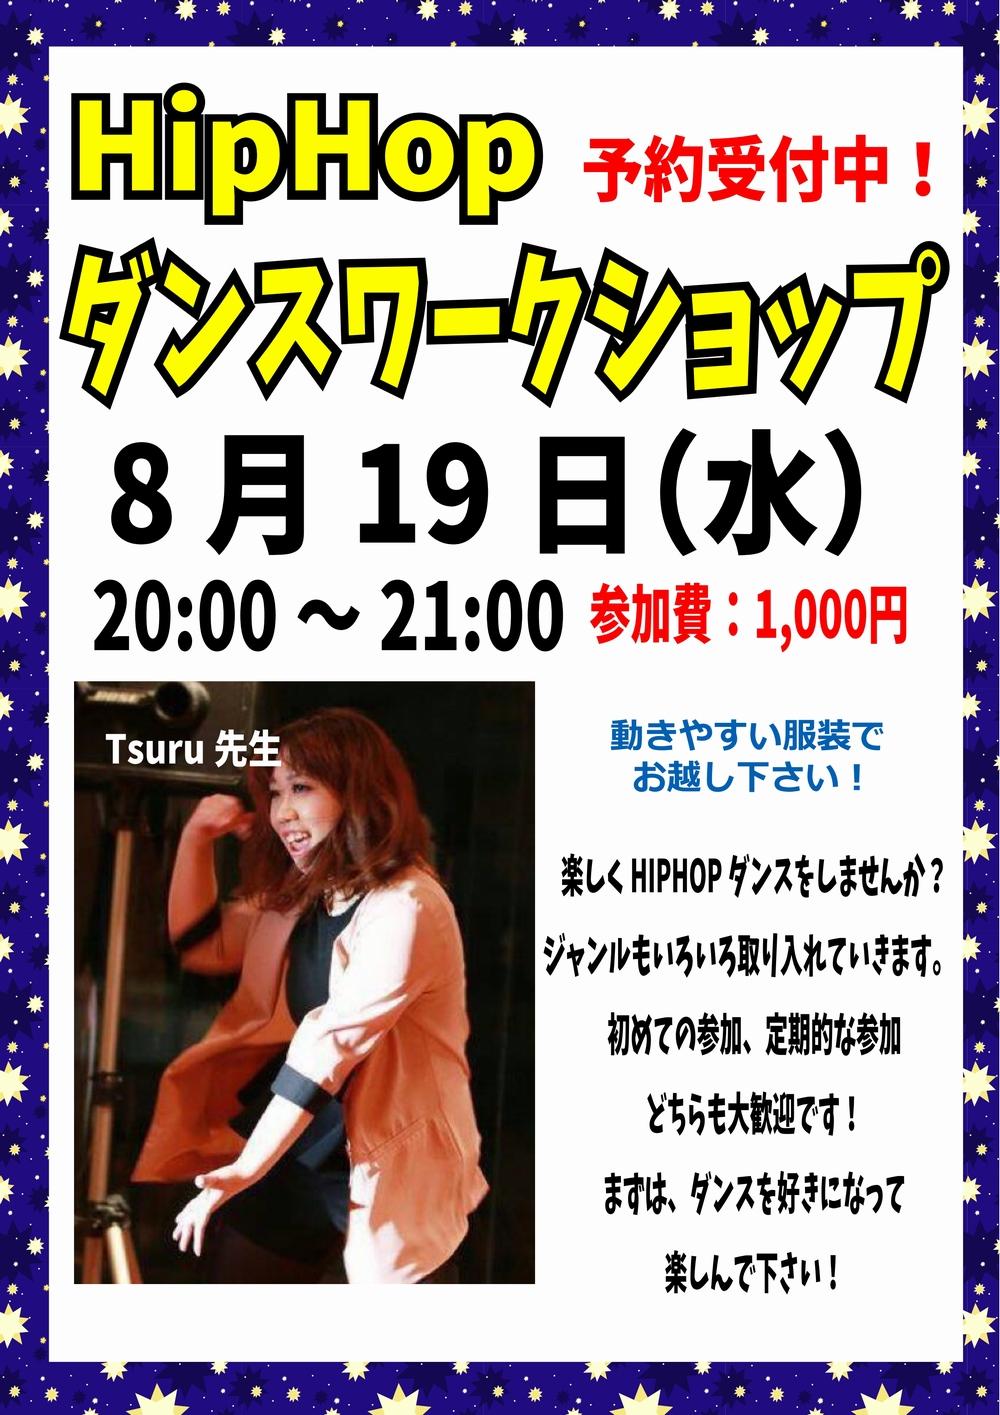 【ワークショップ】HipHopダンス@音楽天国・静岡草薙店8月19日(水)開催